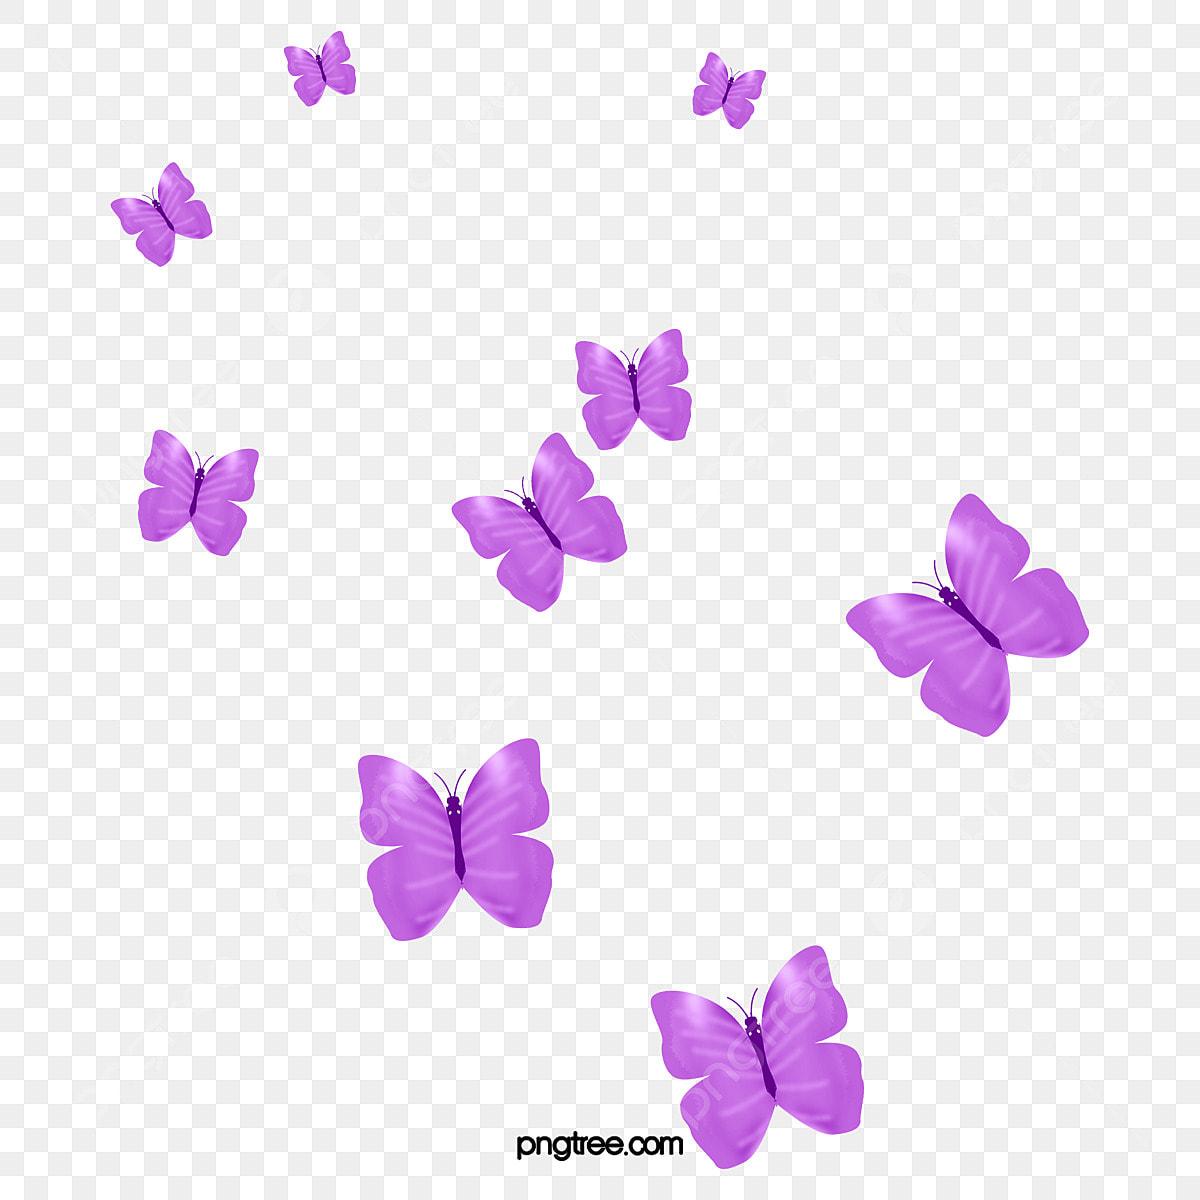 أسراب من الفراشات الأرجواني فراشة في مجموعات أرجواني Png وملف Psd للتحميل مجانا